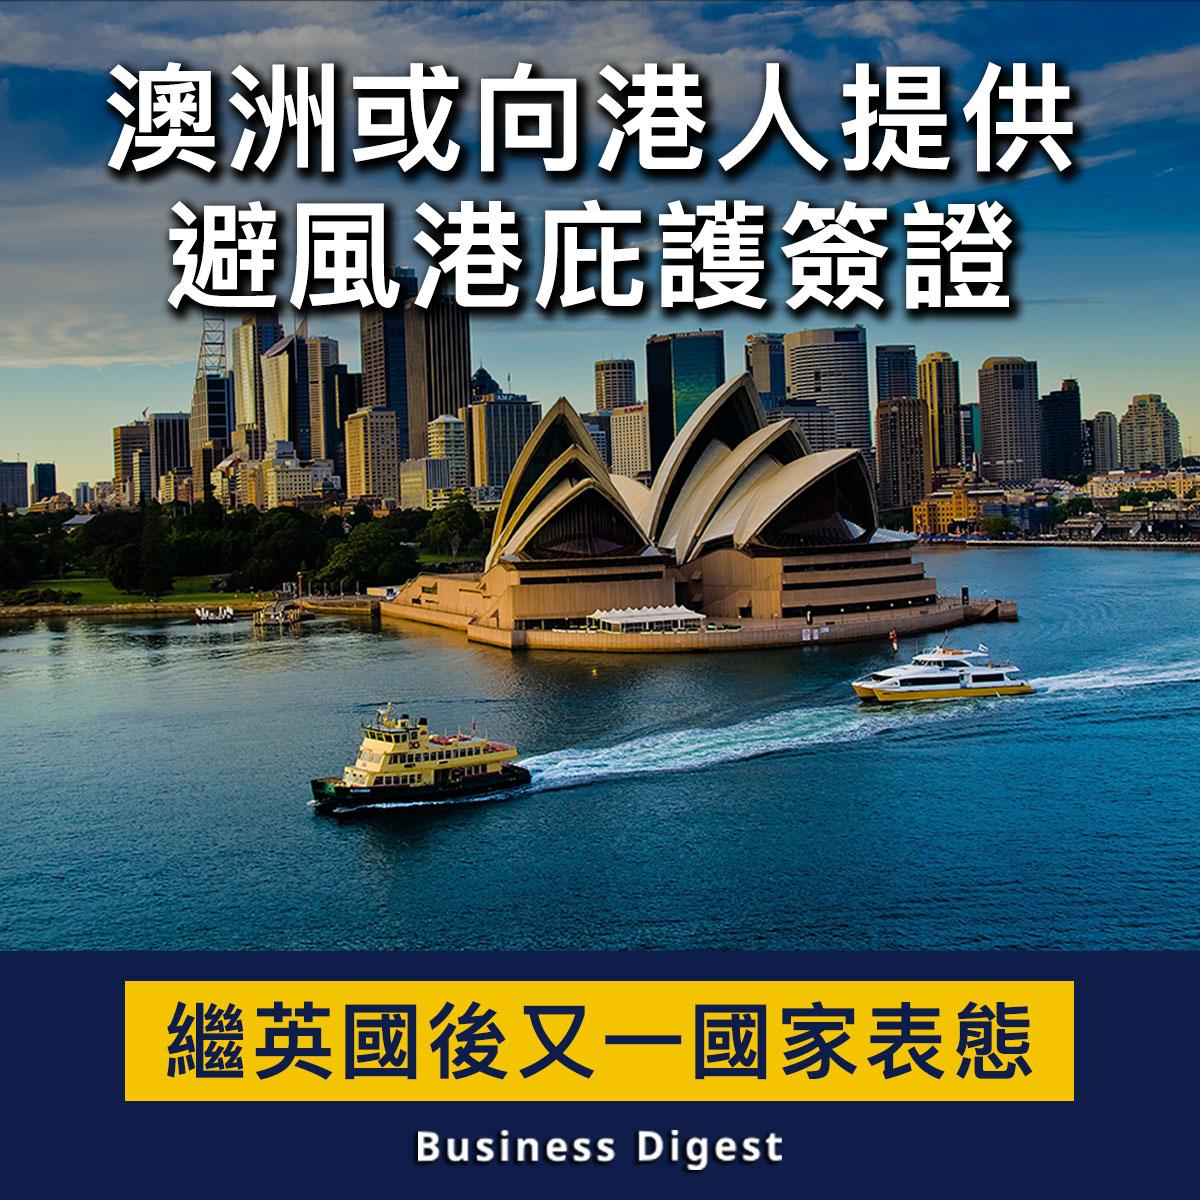 【商業熱話】澳洲或向港人提供「避風港」庇護簽證